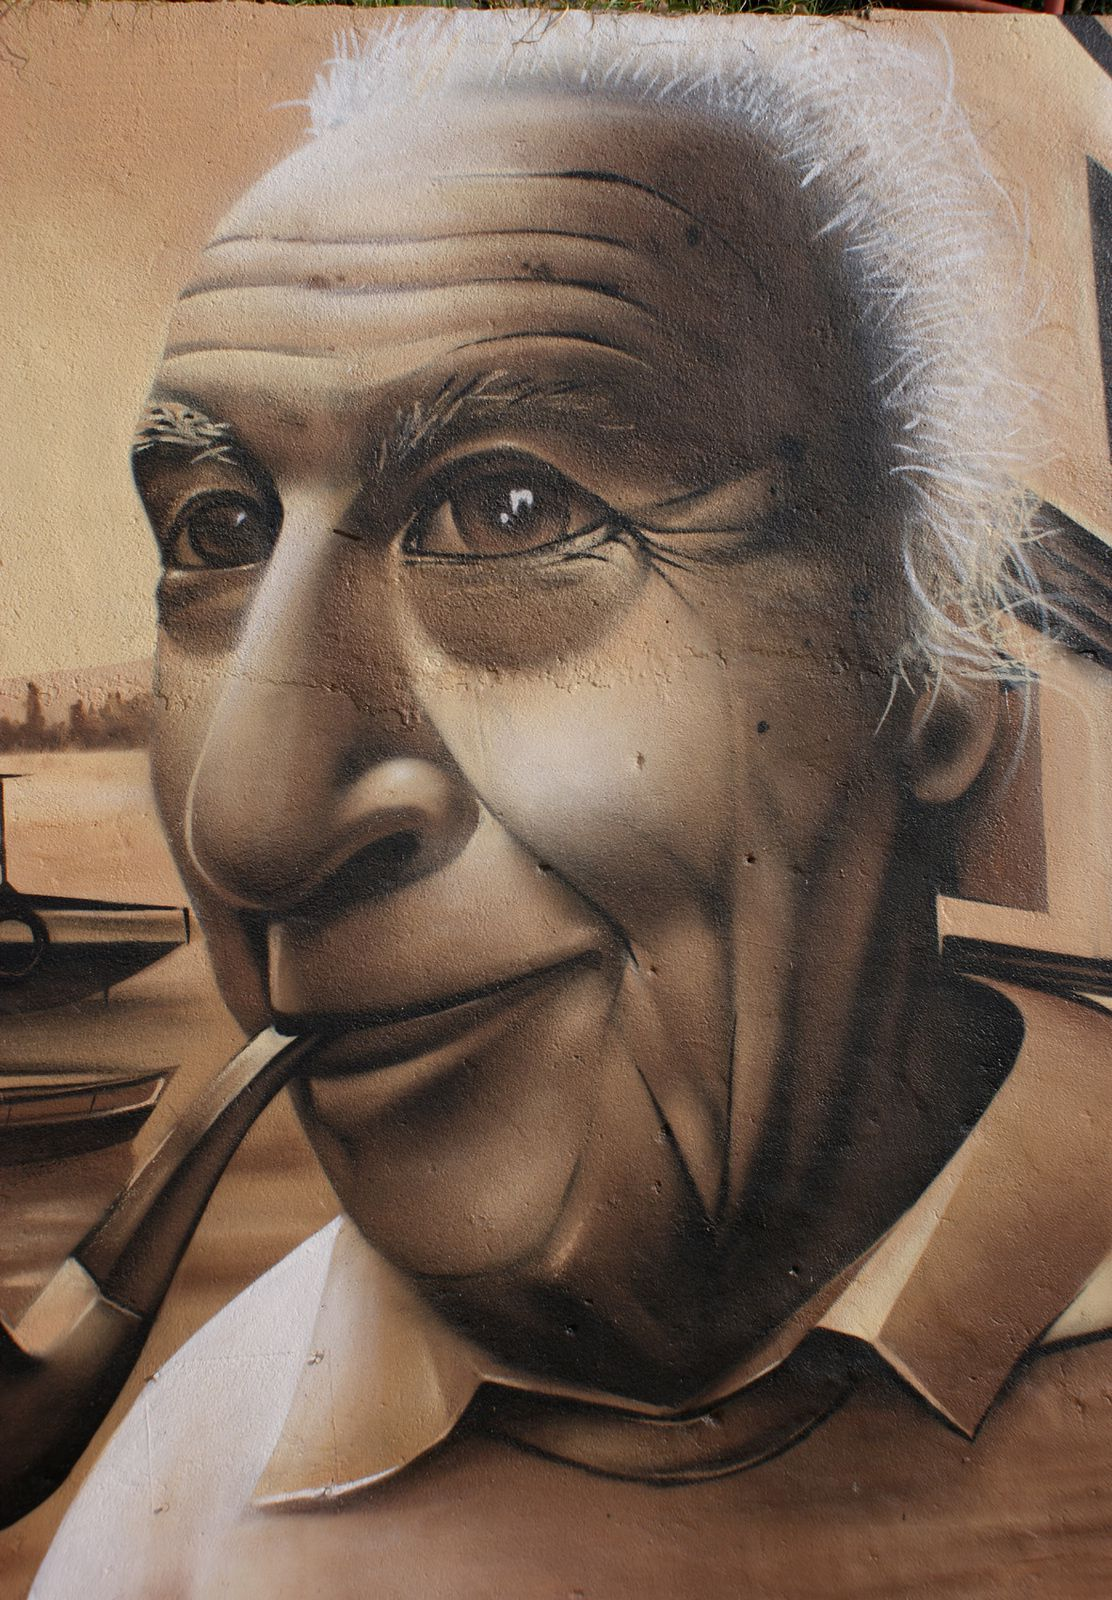 Street Art : Graffitis &amp&#x3B; Fresques Murales 76005 Amfreville la mi voie